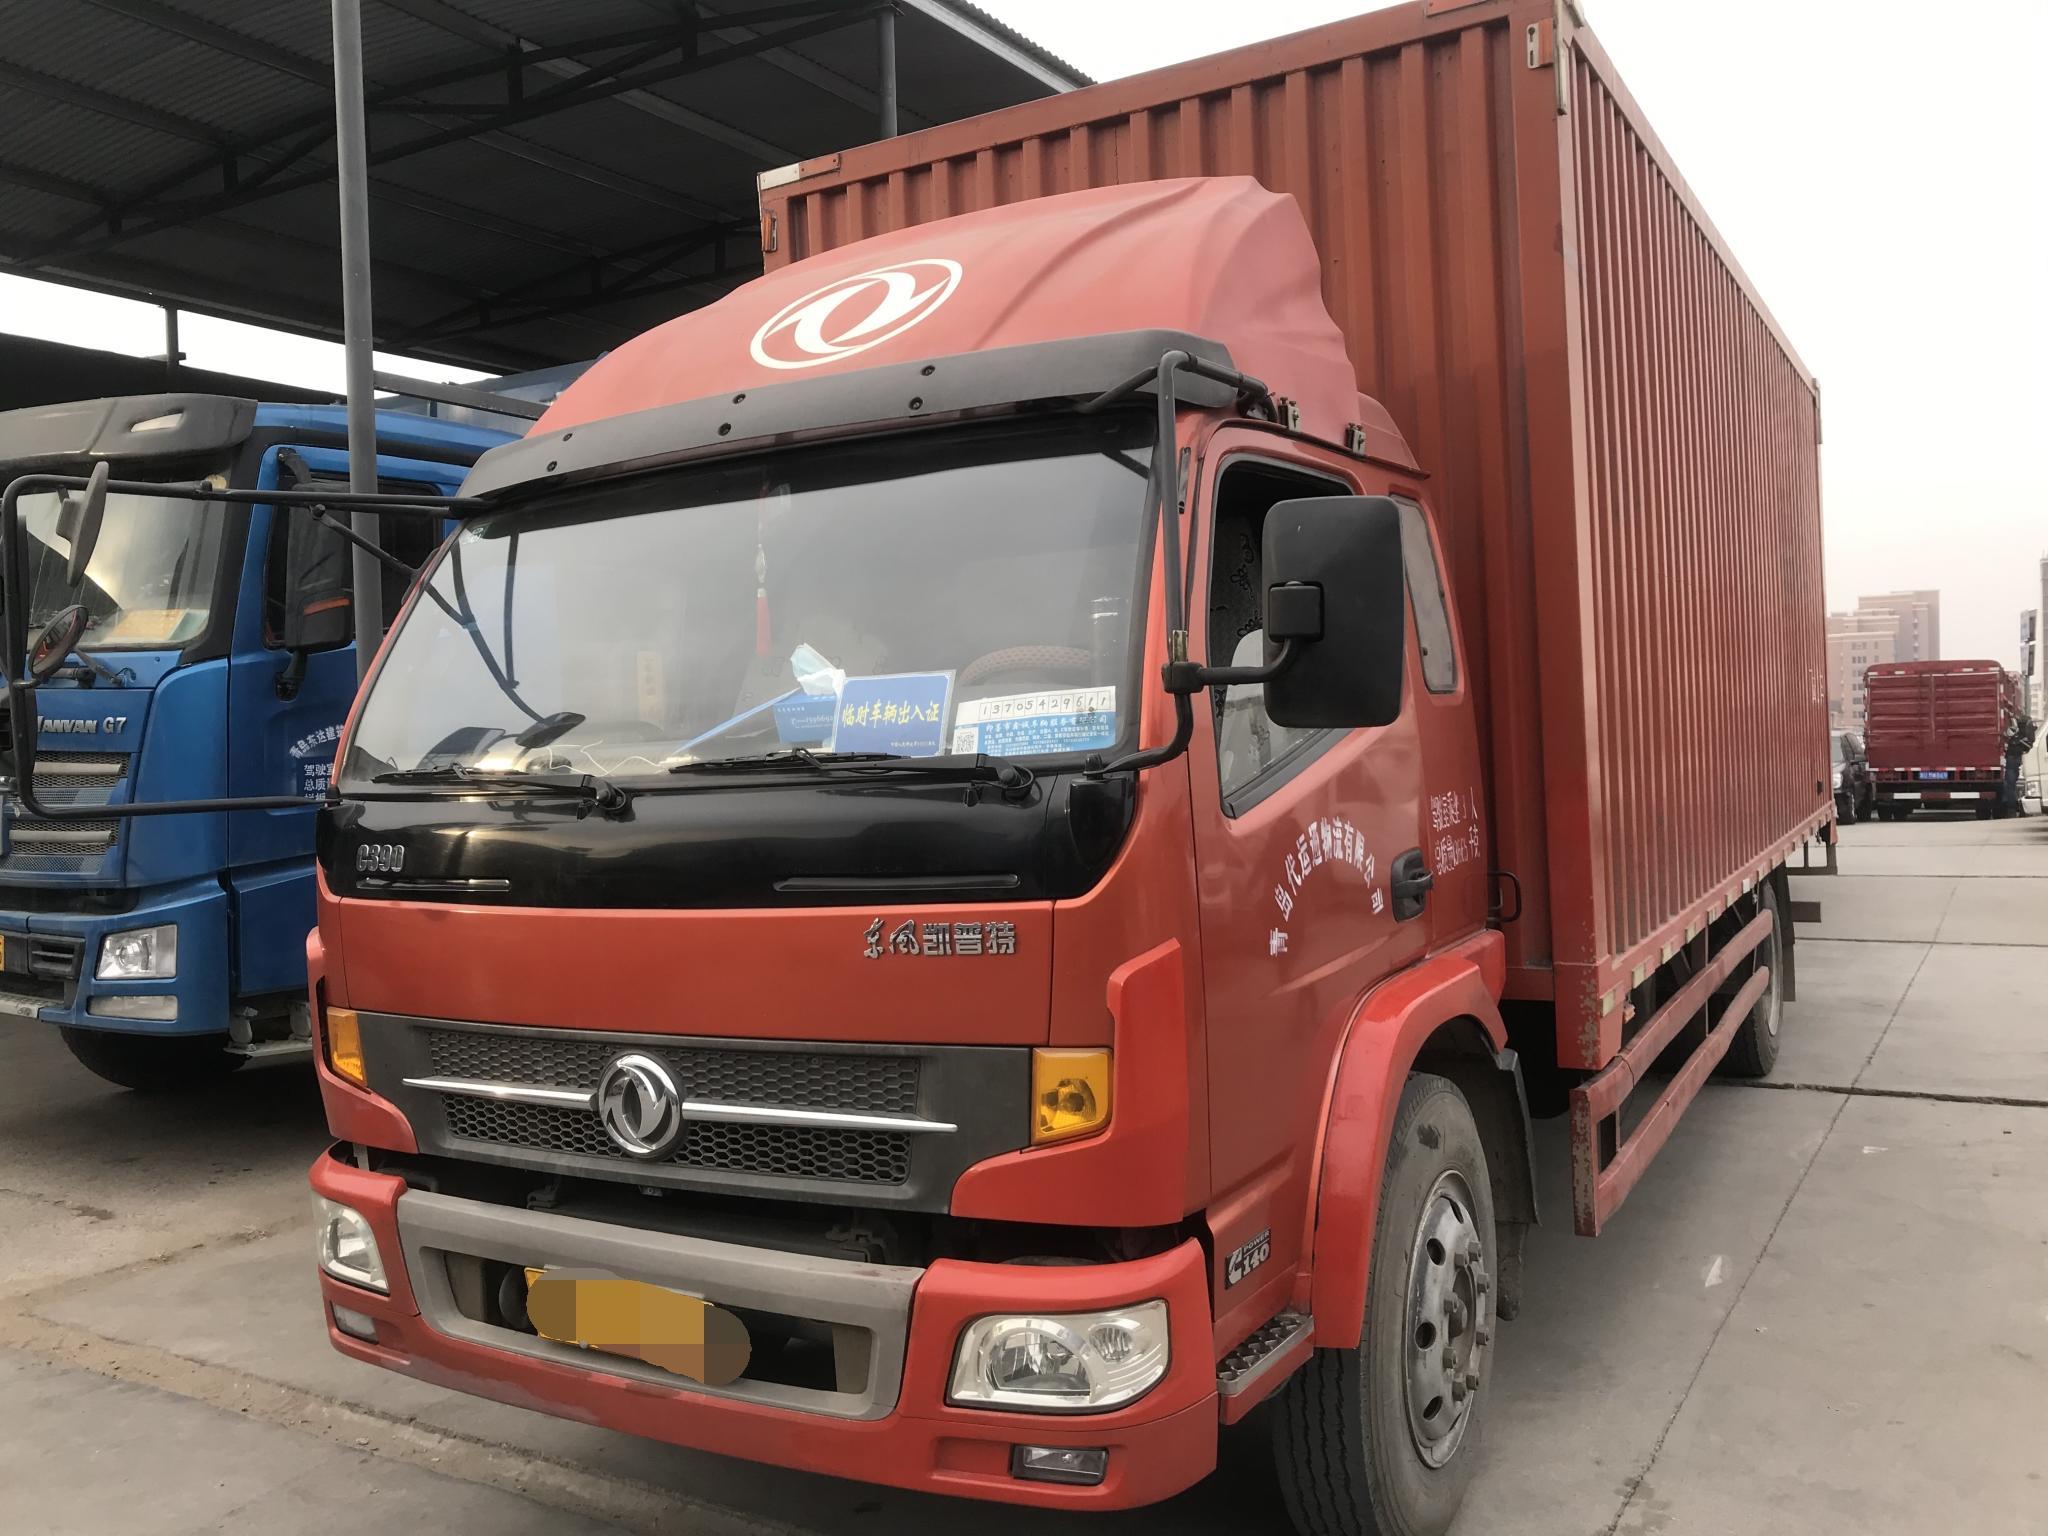 东风其他车系 载货车  160匹 2015年10月 4x2